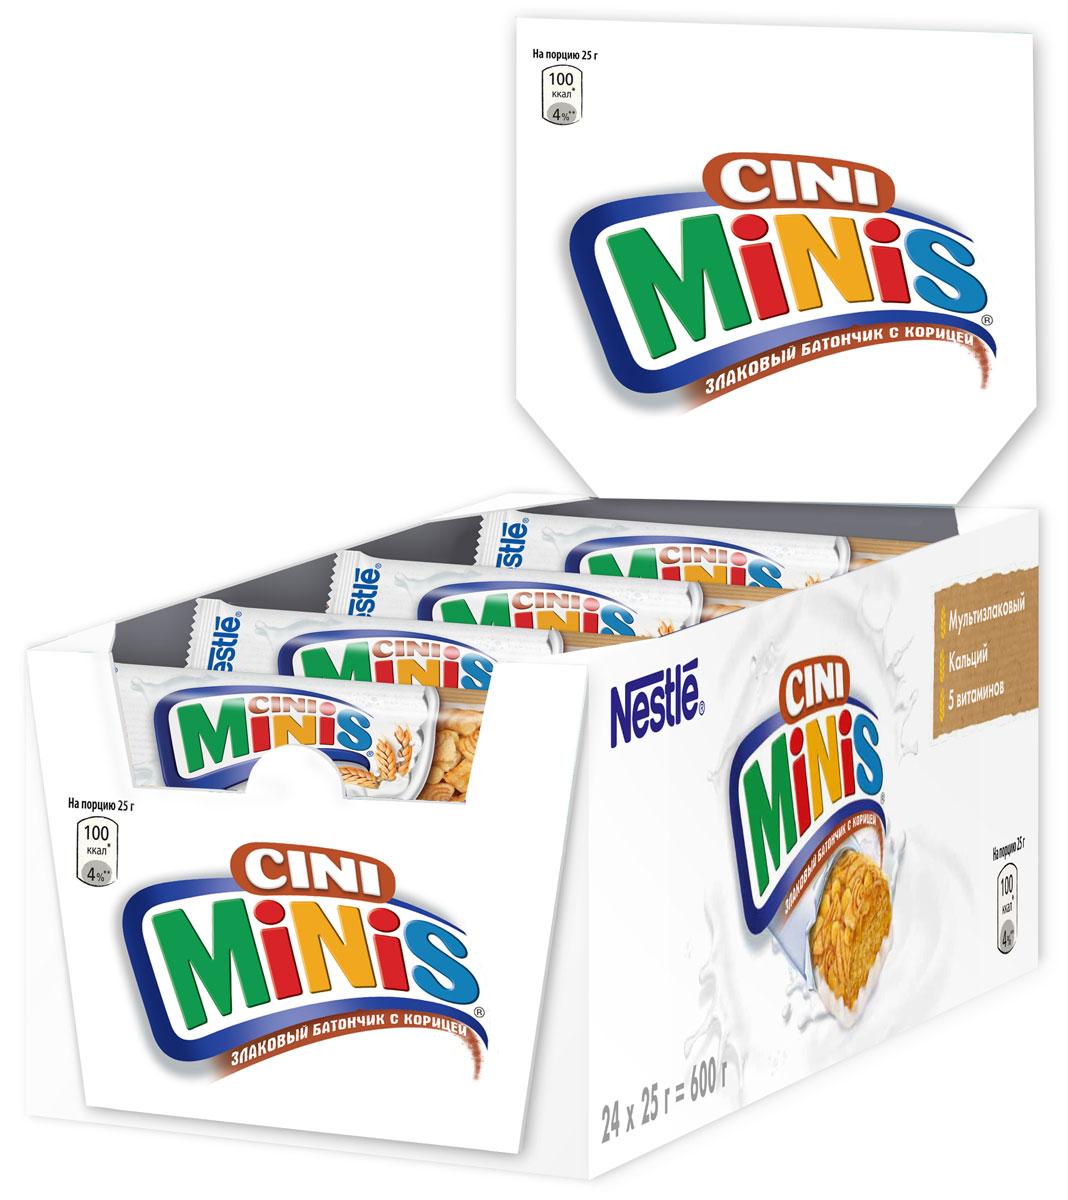 Nestle Cini Minis Злаковый батончик с корицей, 24 шт по 25 г cini пальто